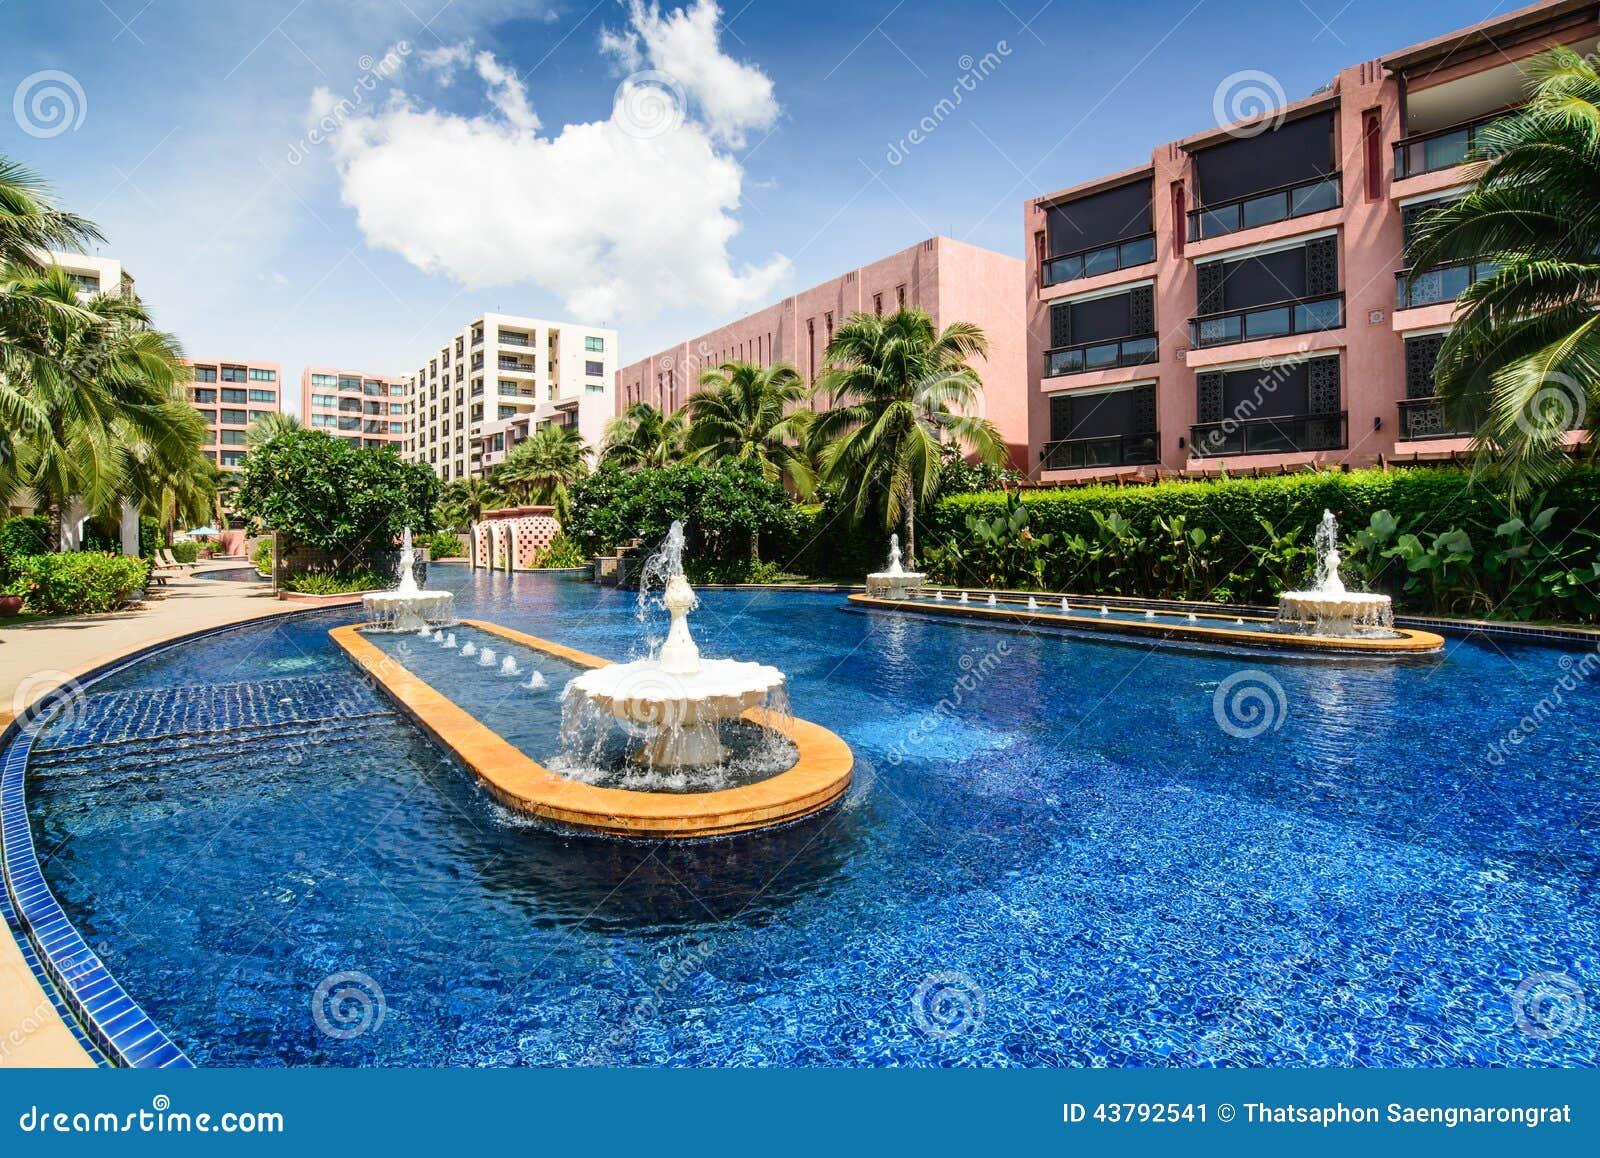 Piscine avec de l 39 eau fontaine dans la cour d 39 h tel image for Hotel la bourboule avec piscine